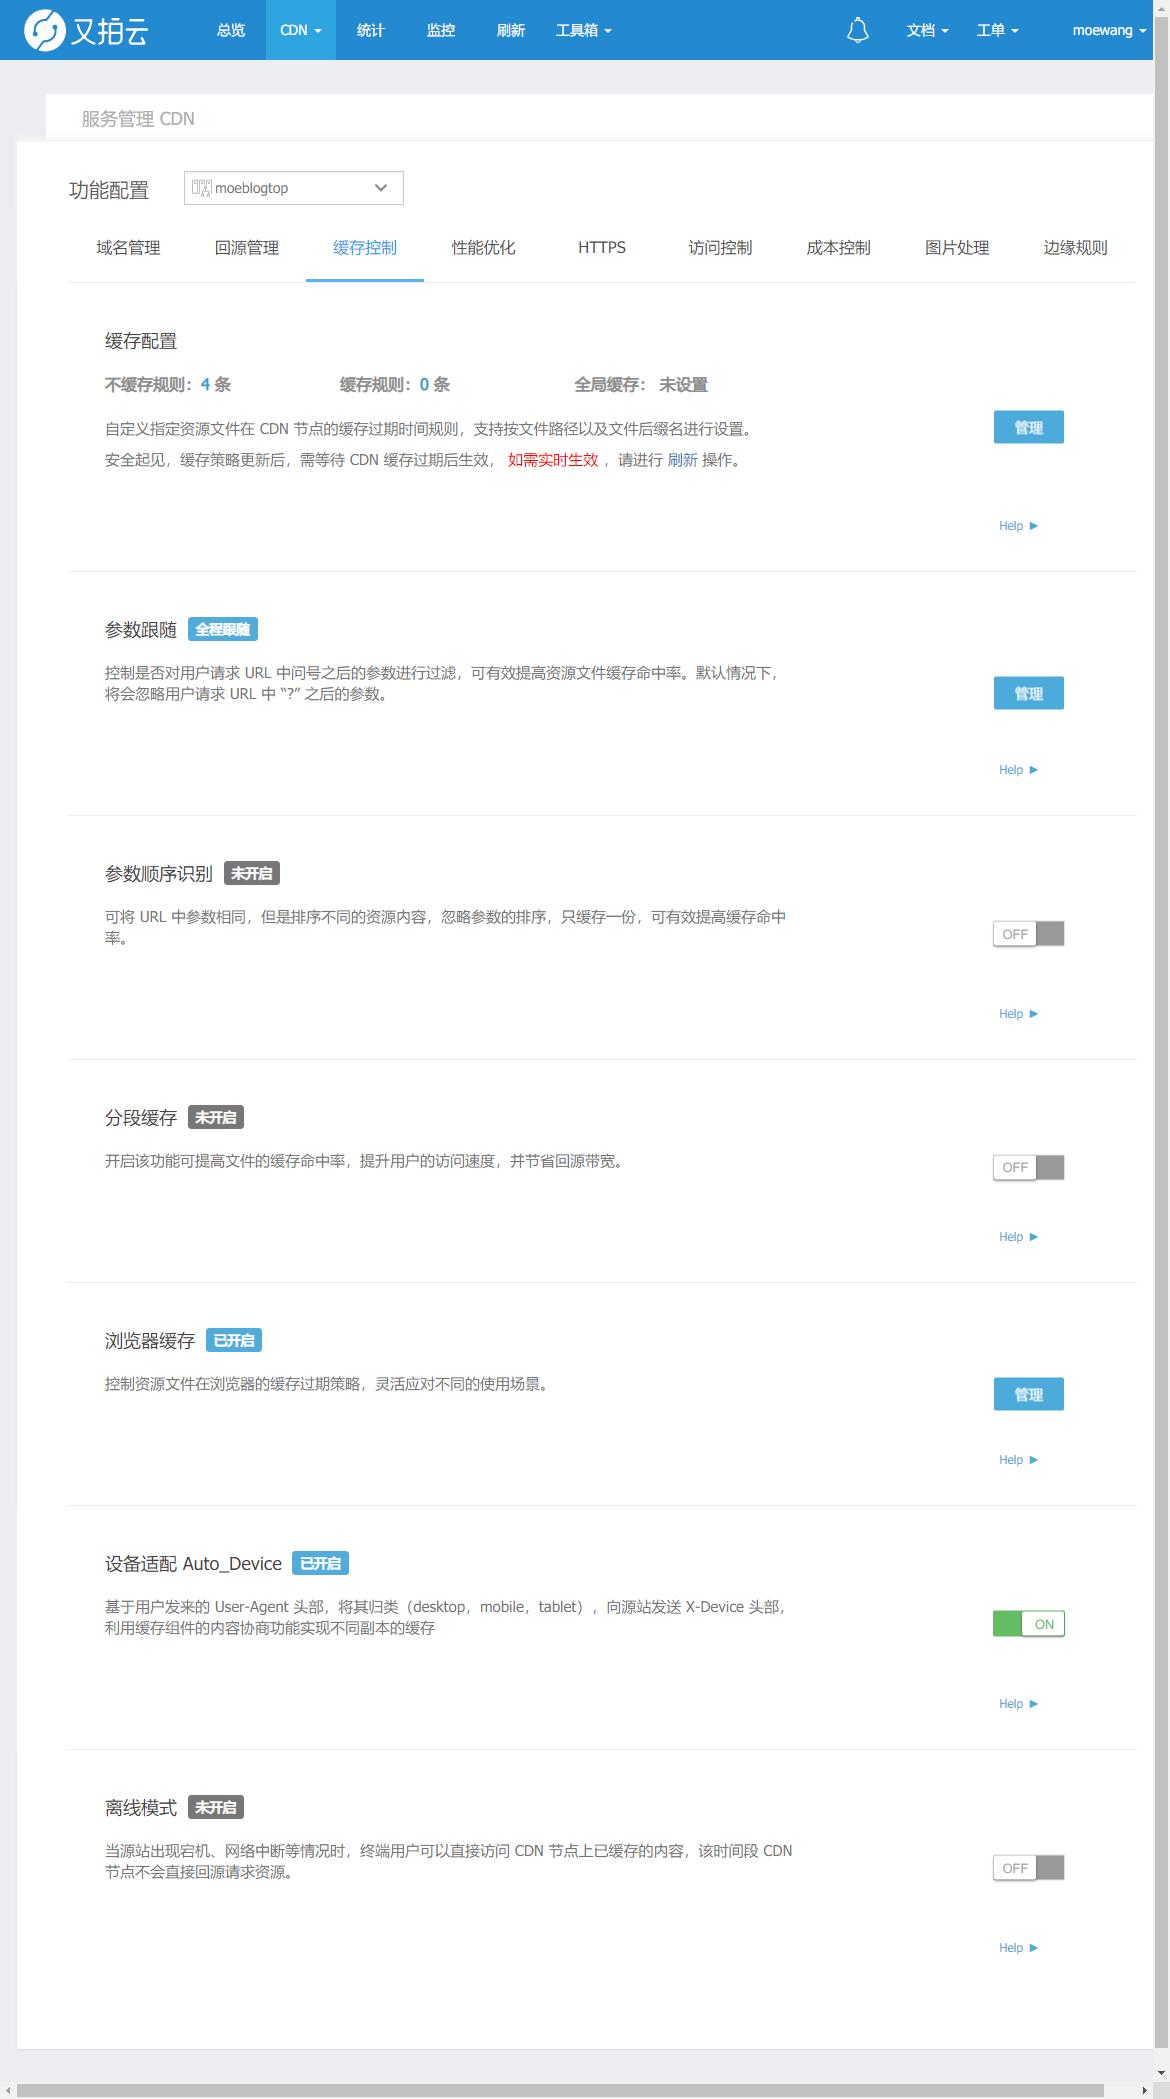 console.upyun.com_services_moeblogtop_cacheCdn_.png